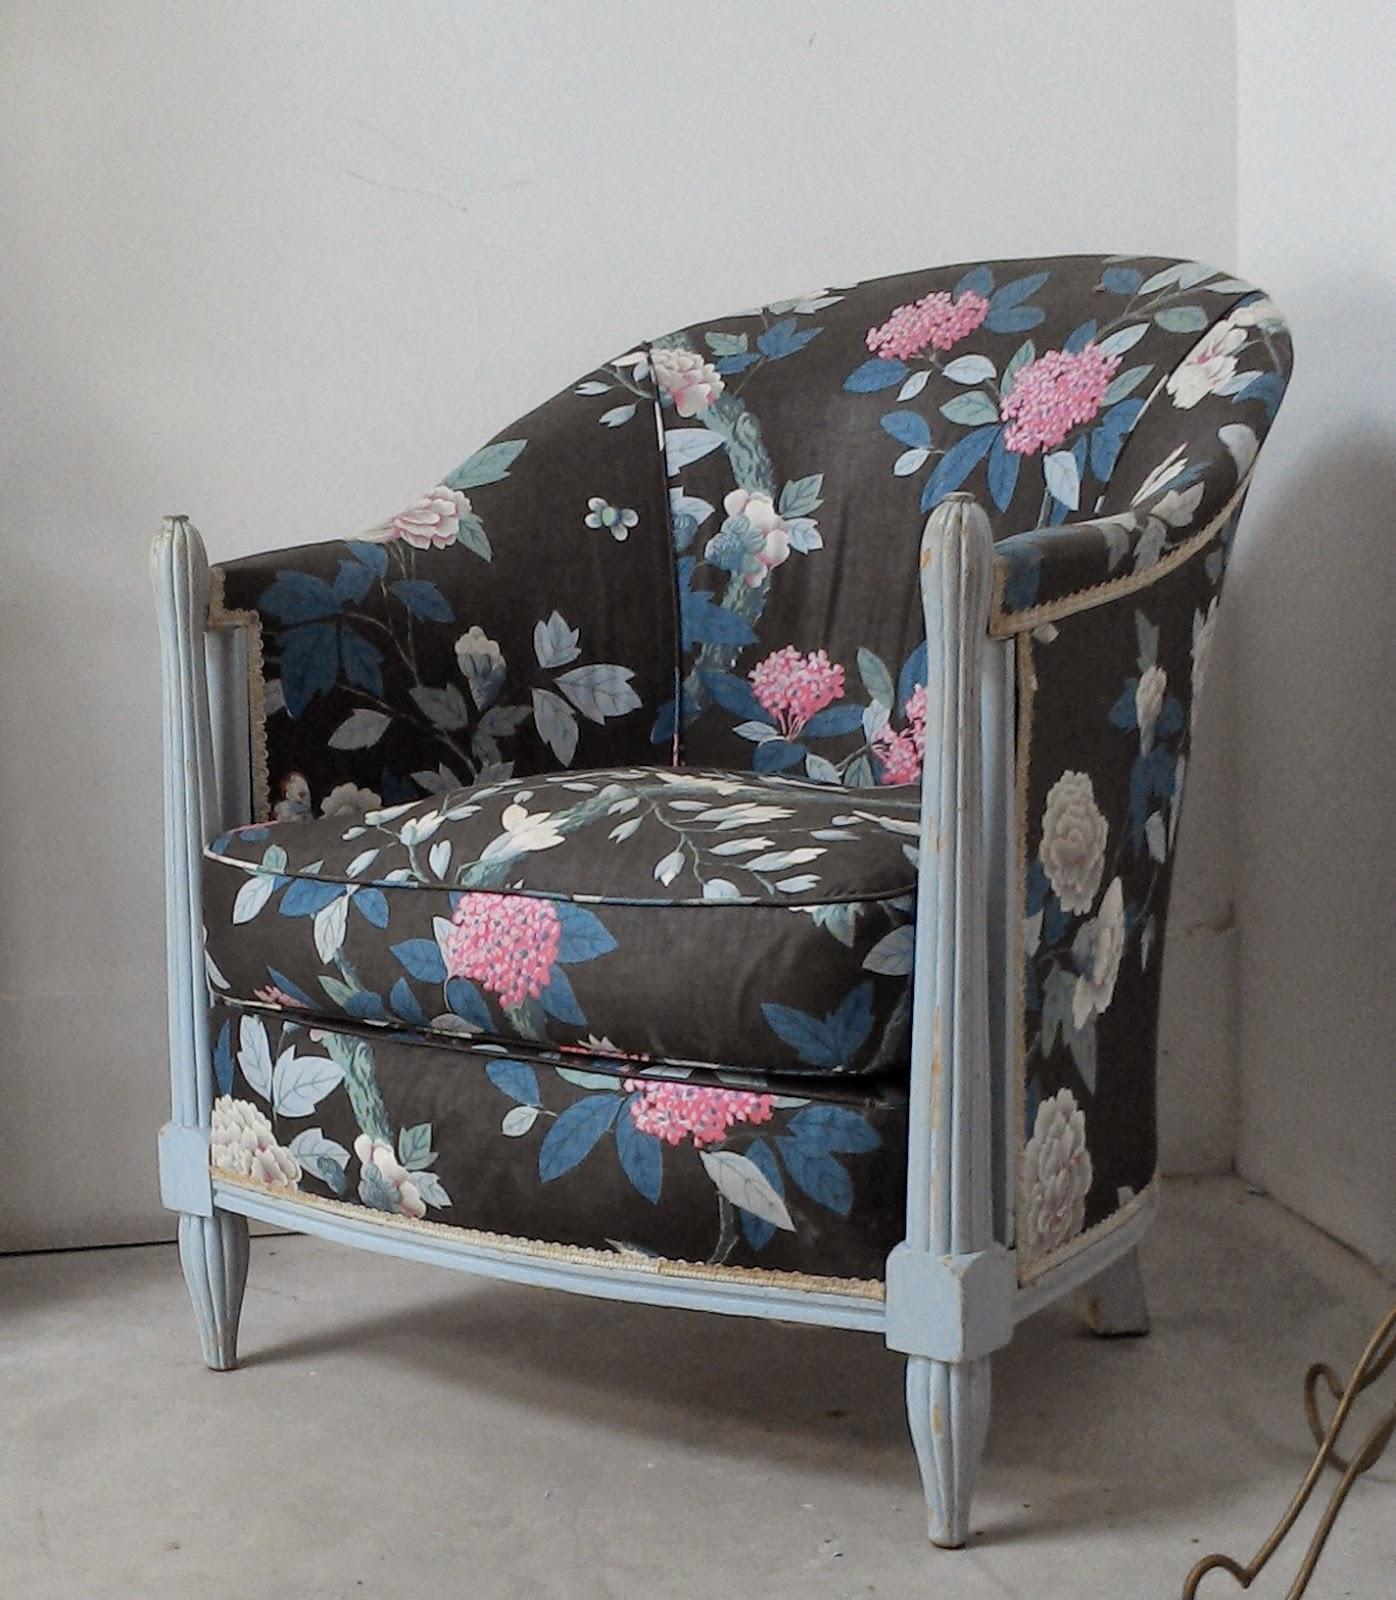 fauteuil ancien cabriolet crapaud bergre chaise tapiss dun superbe tissus a fleur bleu - Fauteuil Ancien Bergere